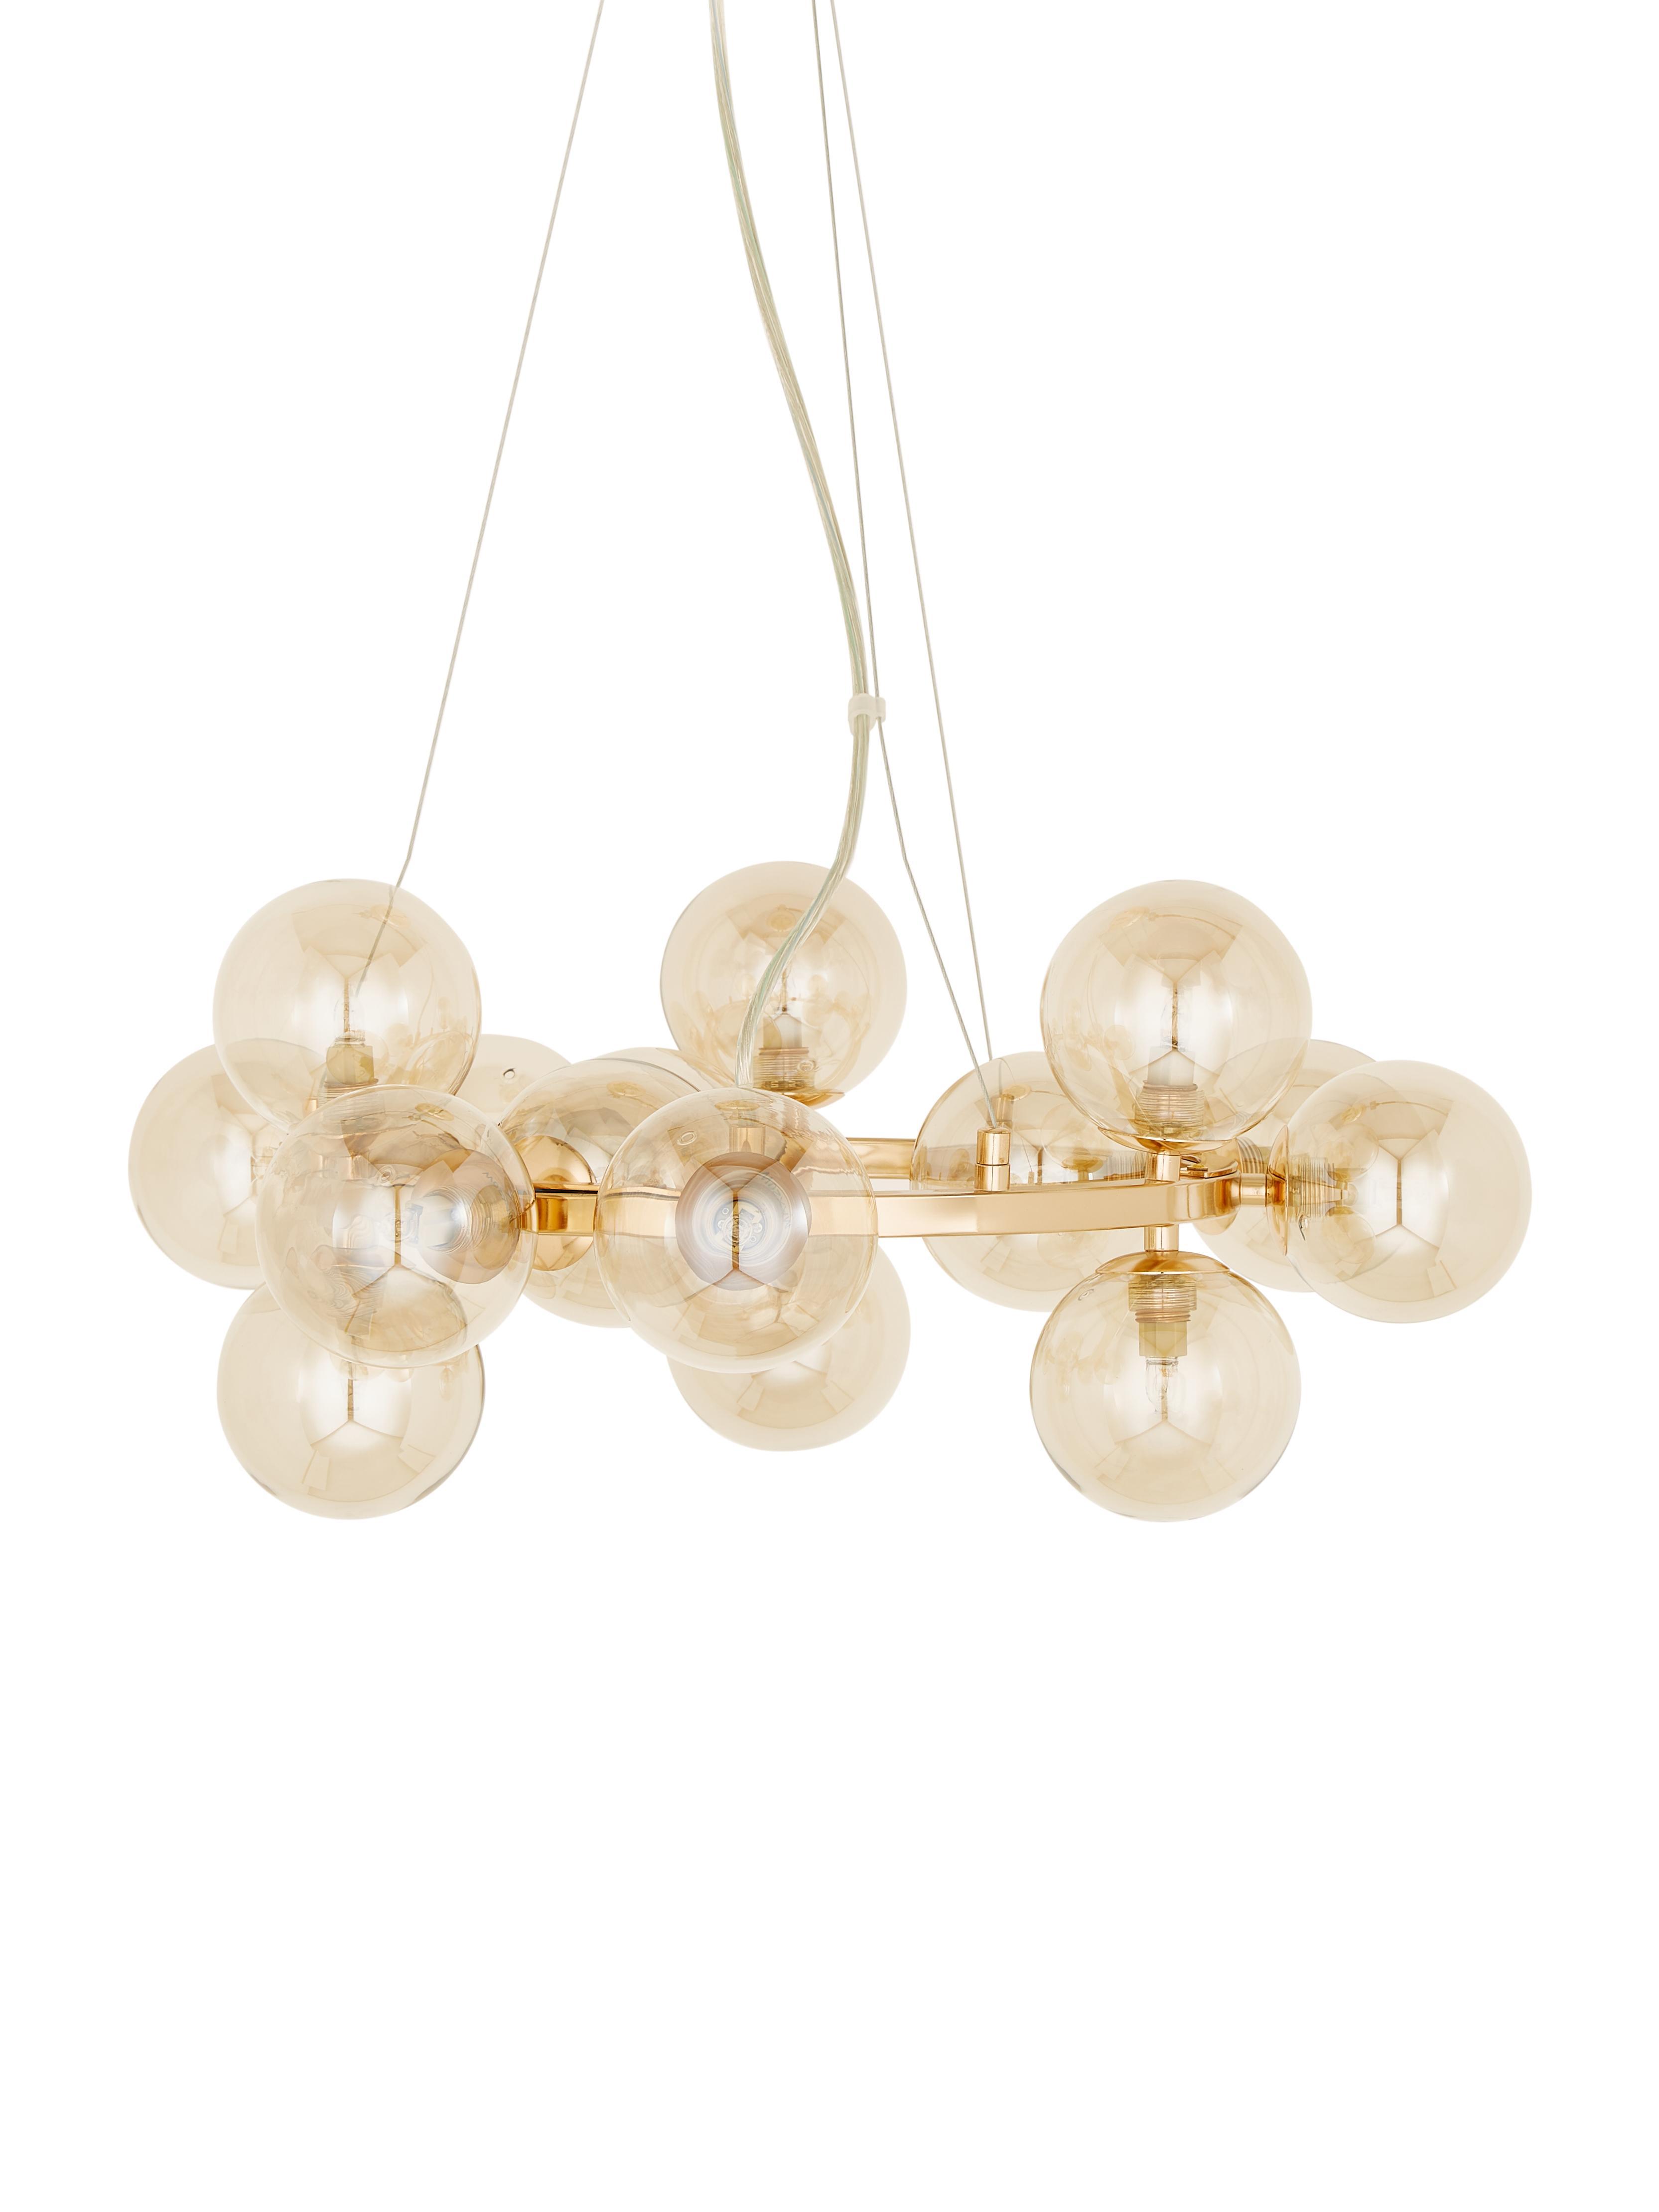 Hanglamp met glazen bollen Splendor, Koperkleurig, Ø 58 x H 22 cm